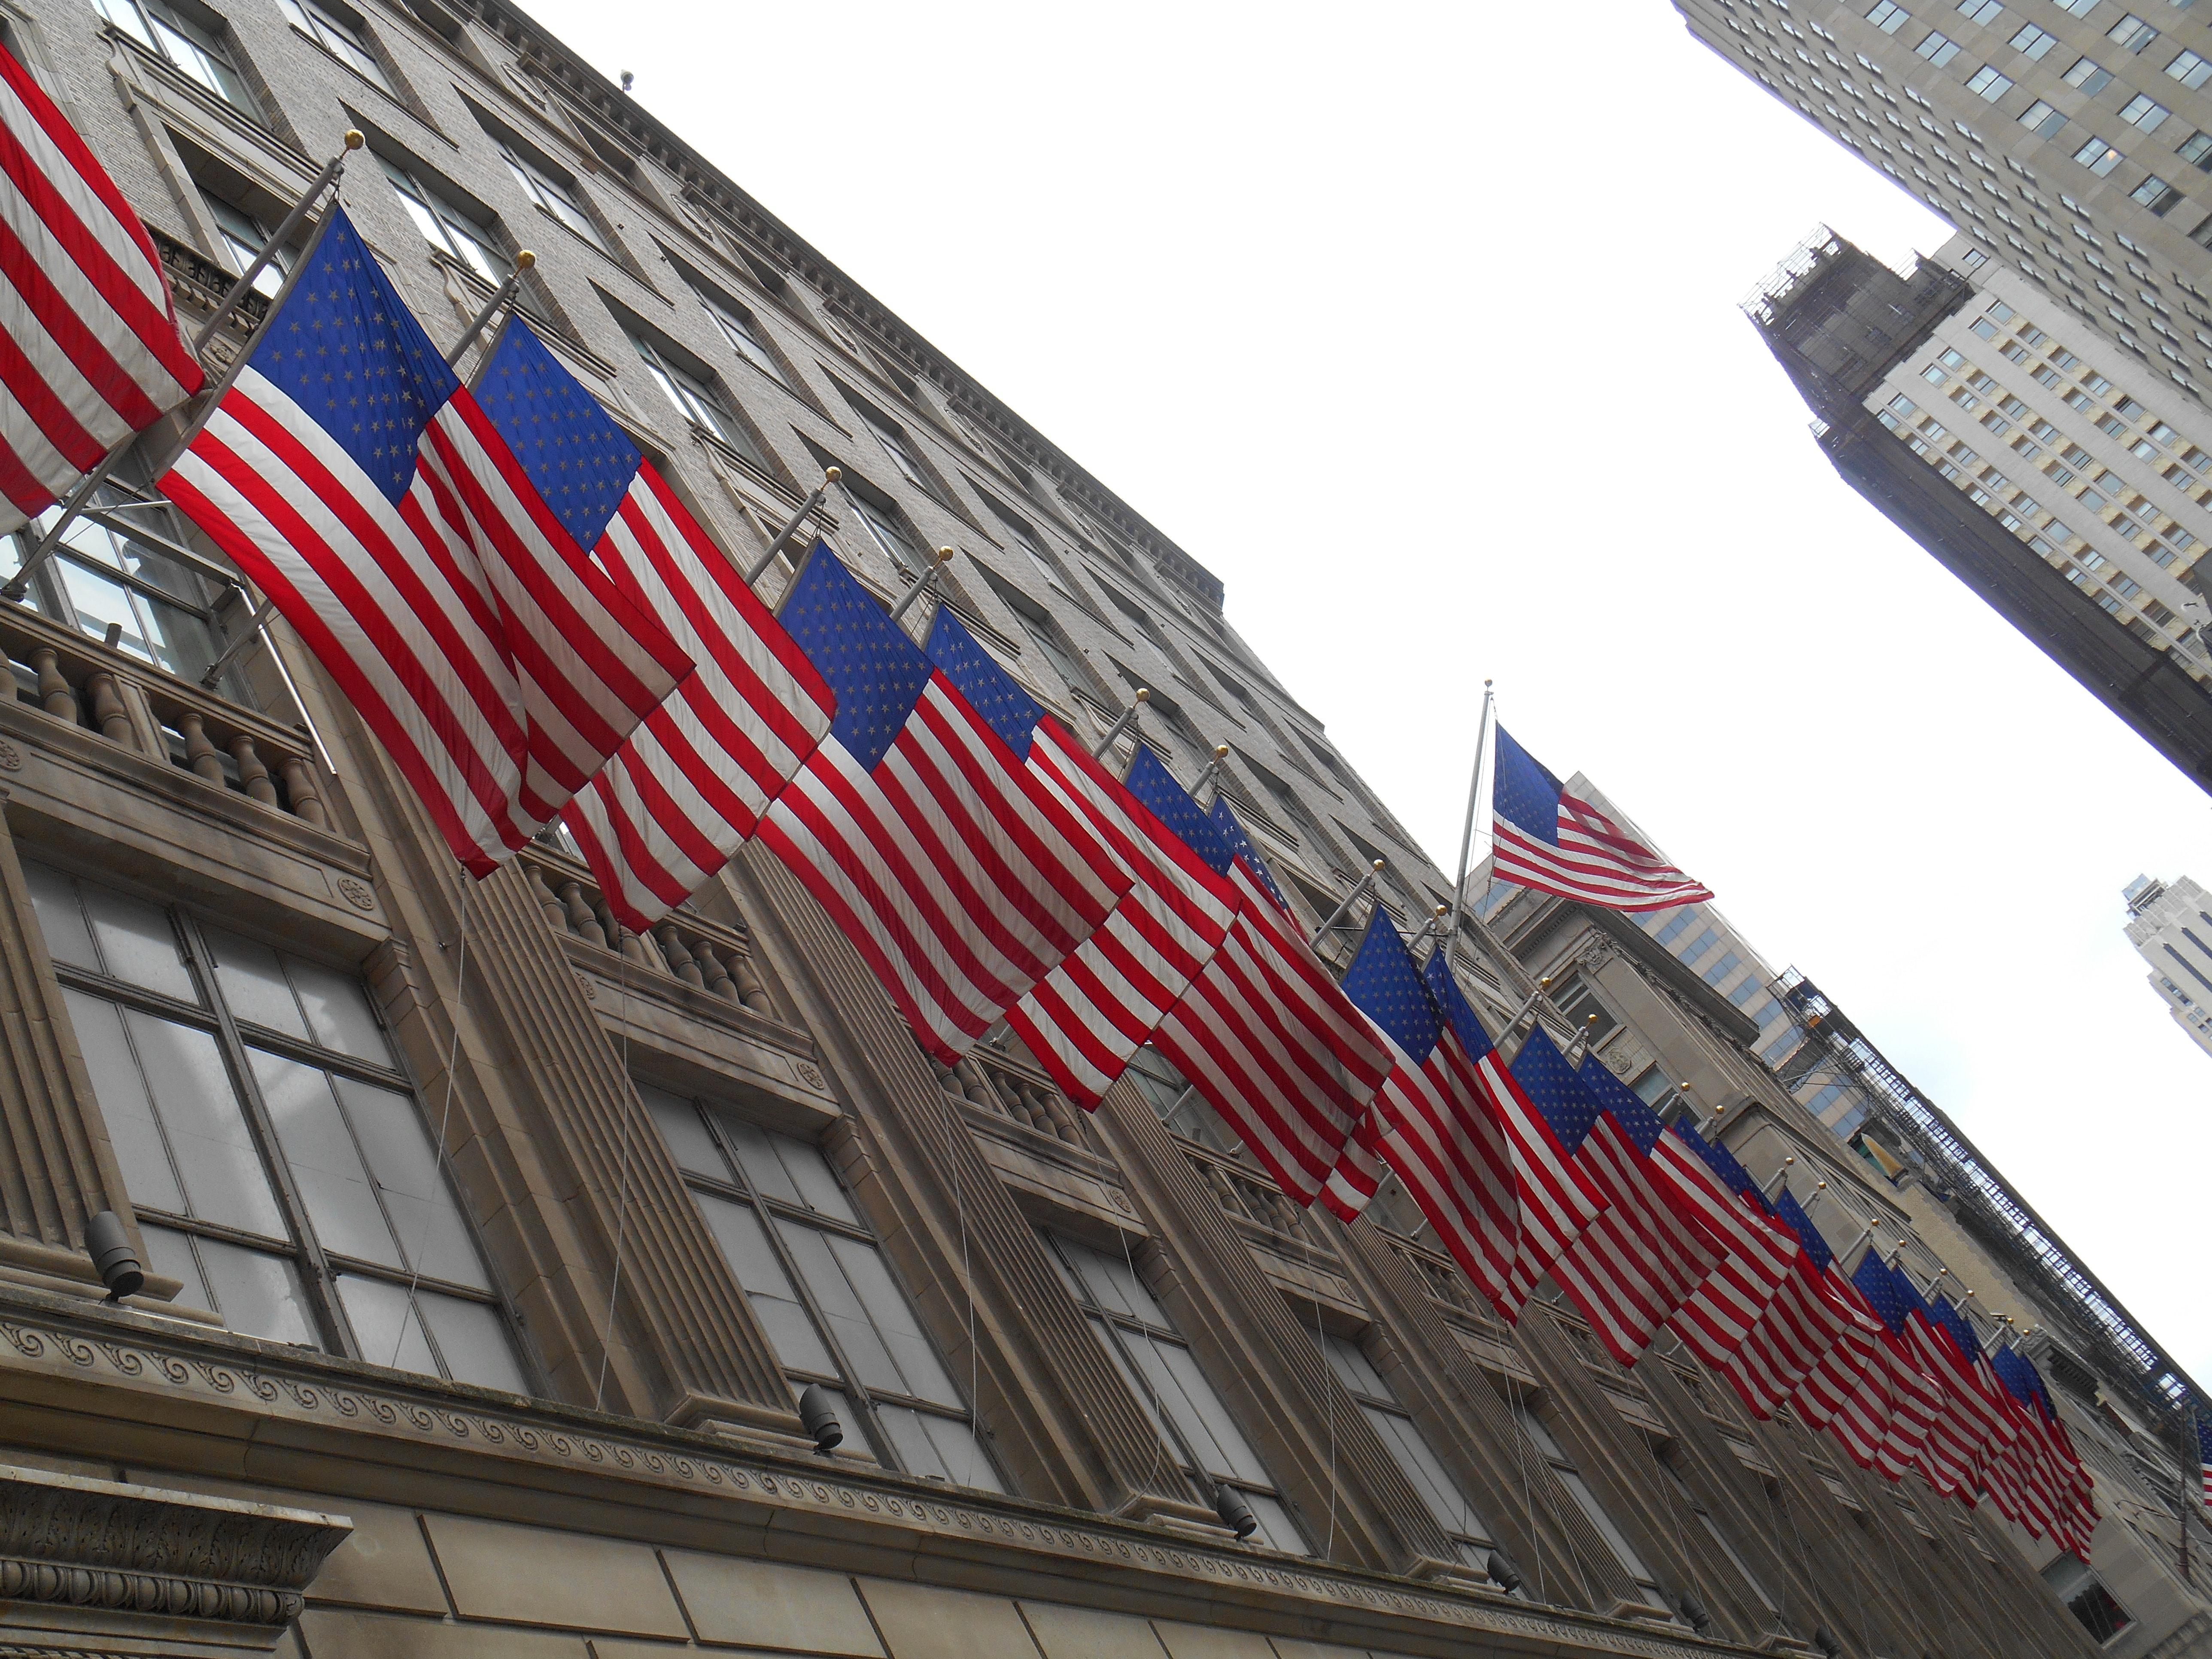 アメリカの国旗 ニューヨーク市の壁紙 米国の無料の写真素材